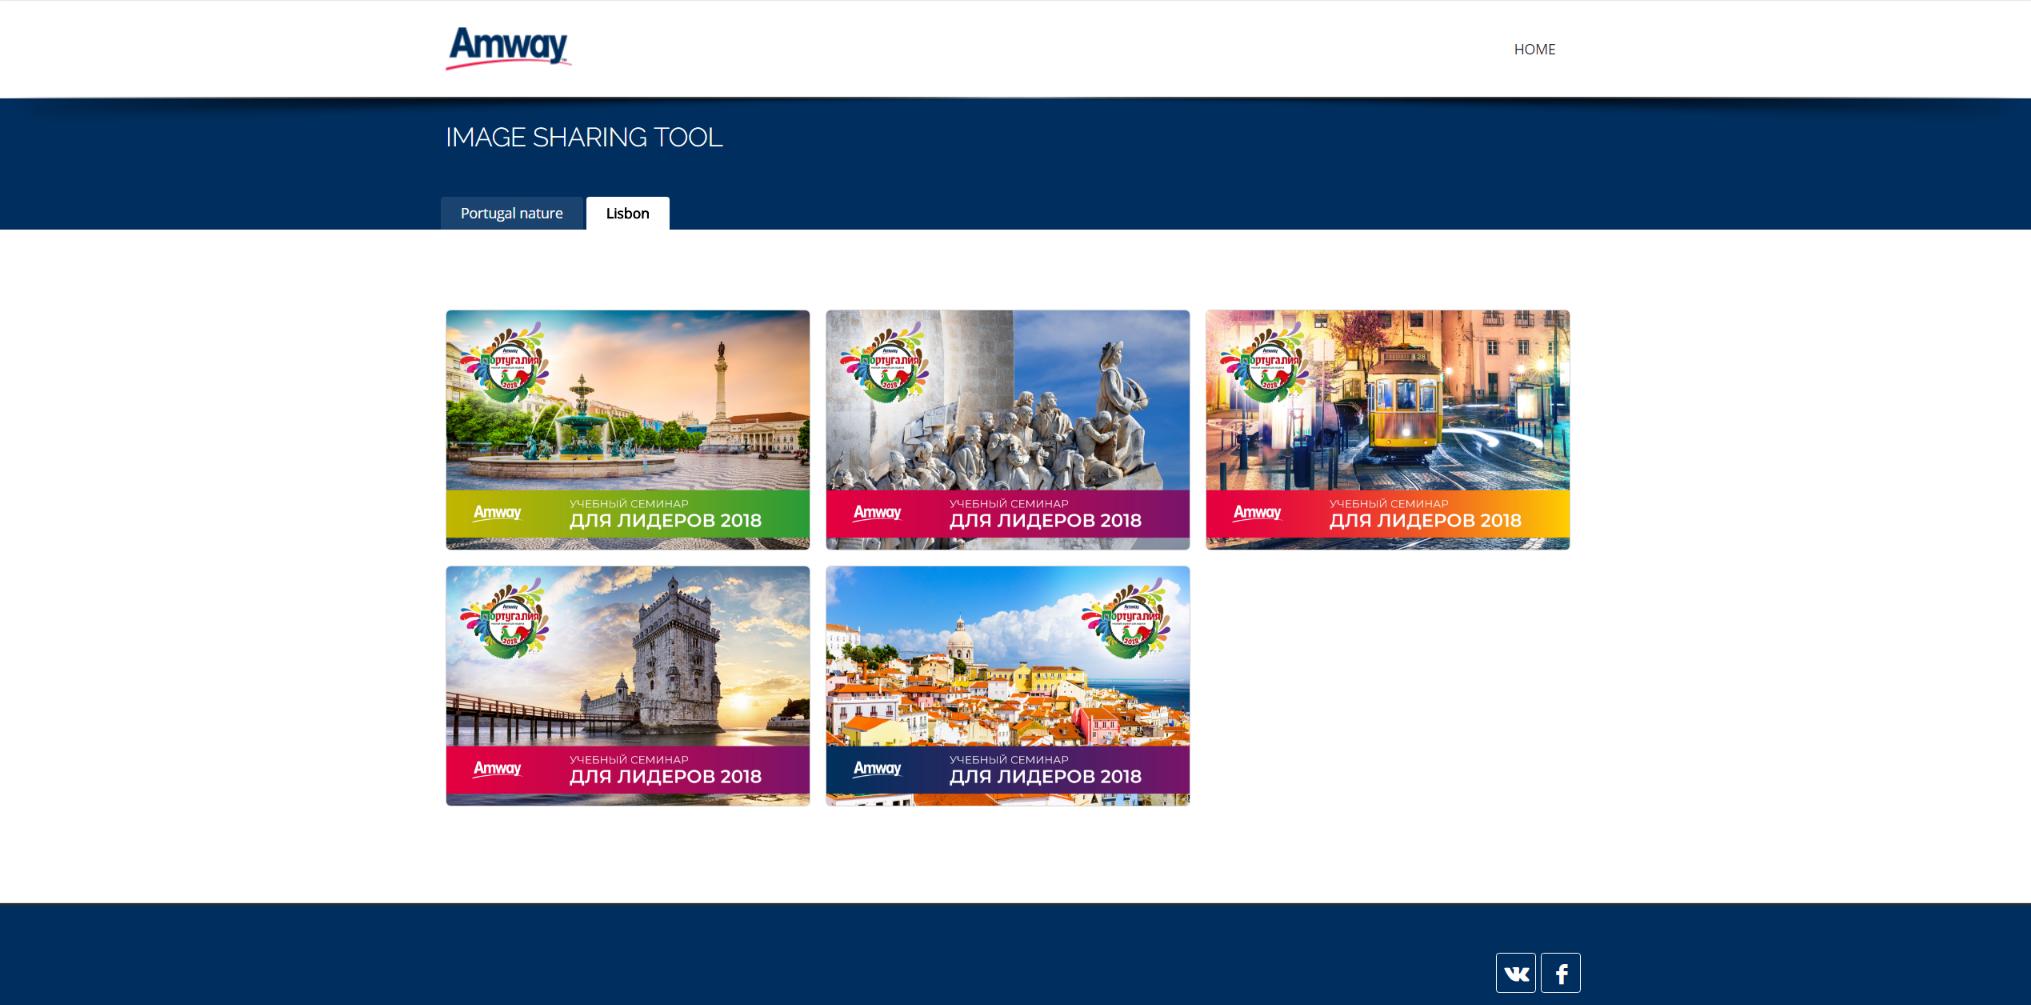 Desarrollo de aplicación web: Amway Sharing Tool